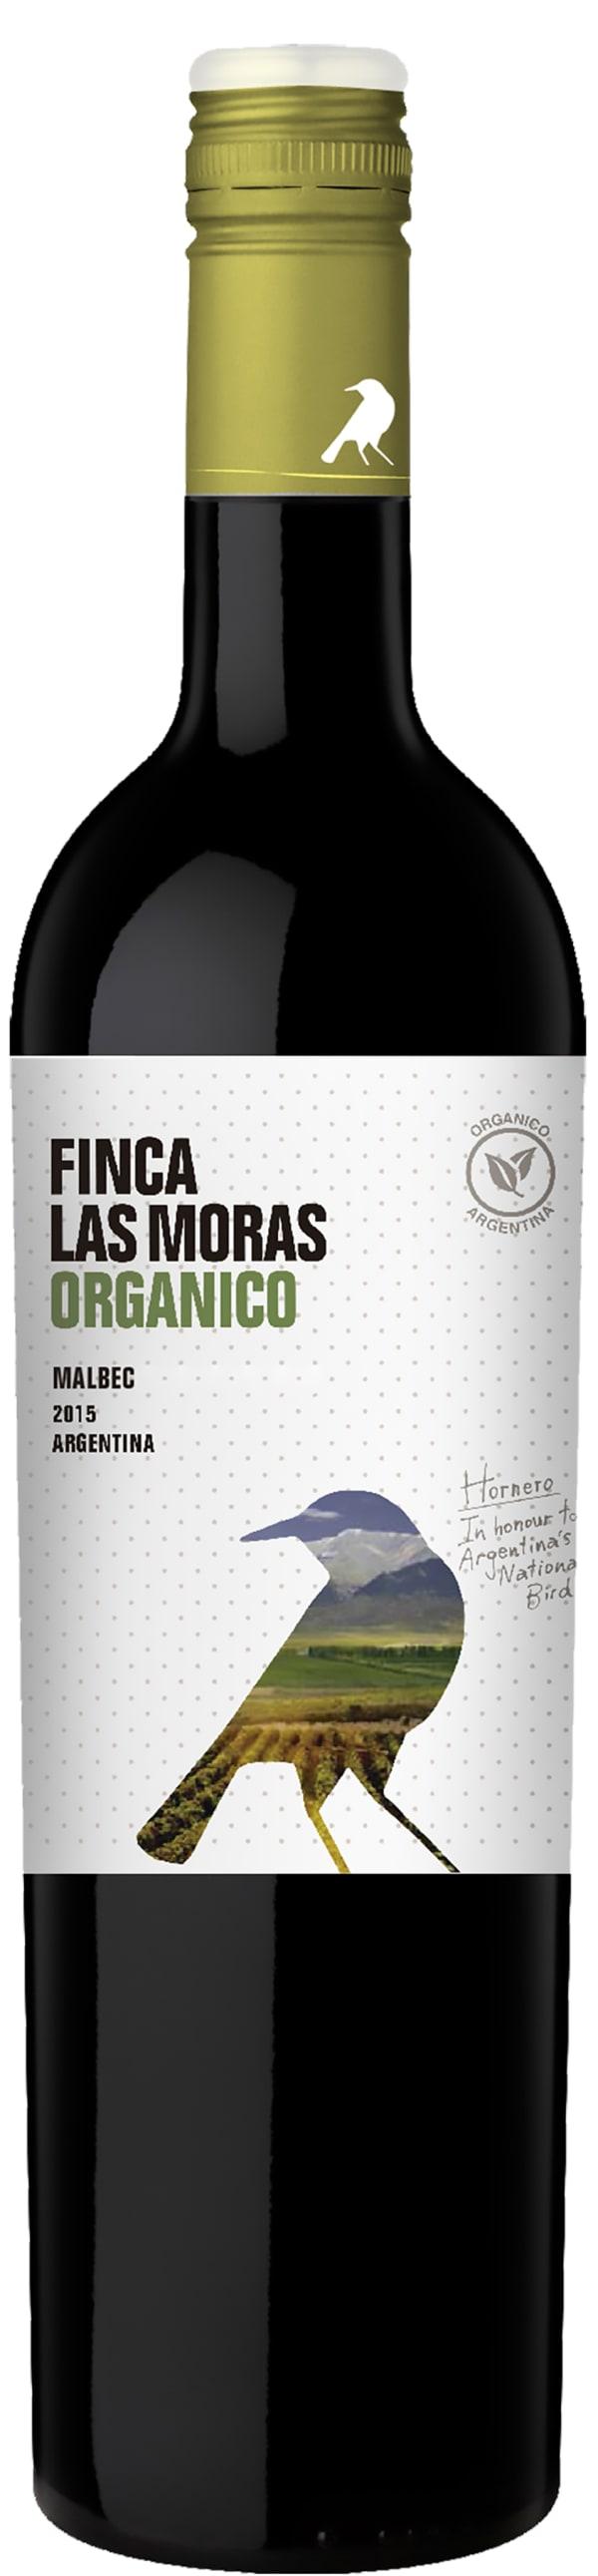 Finca Las Moras Organico Malbec 2016